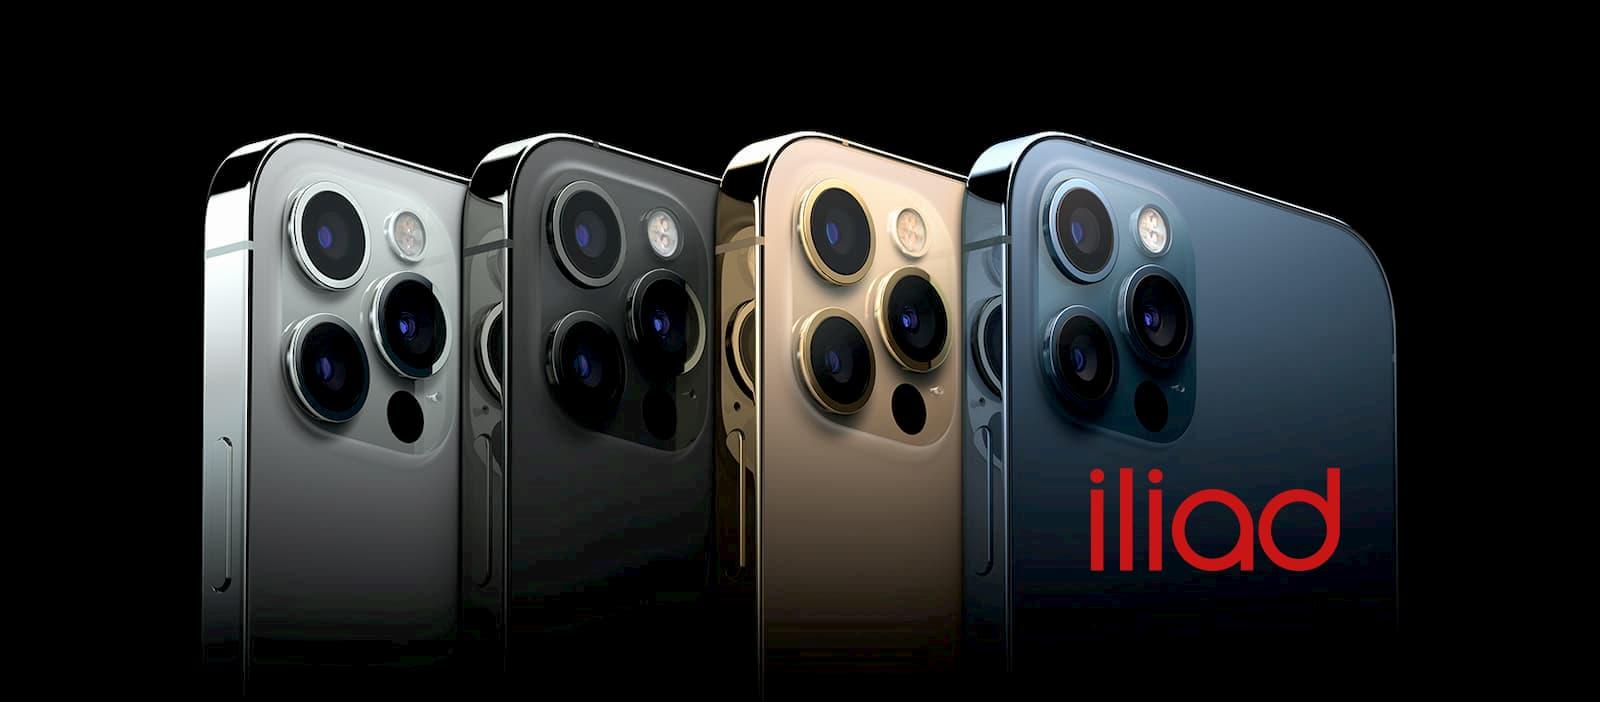 Apple iPhone 12 iliad